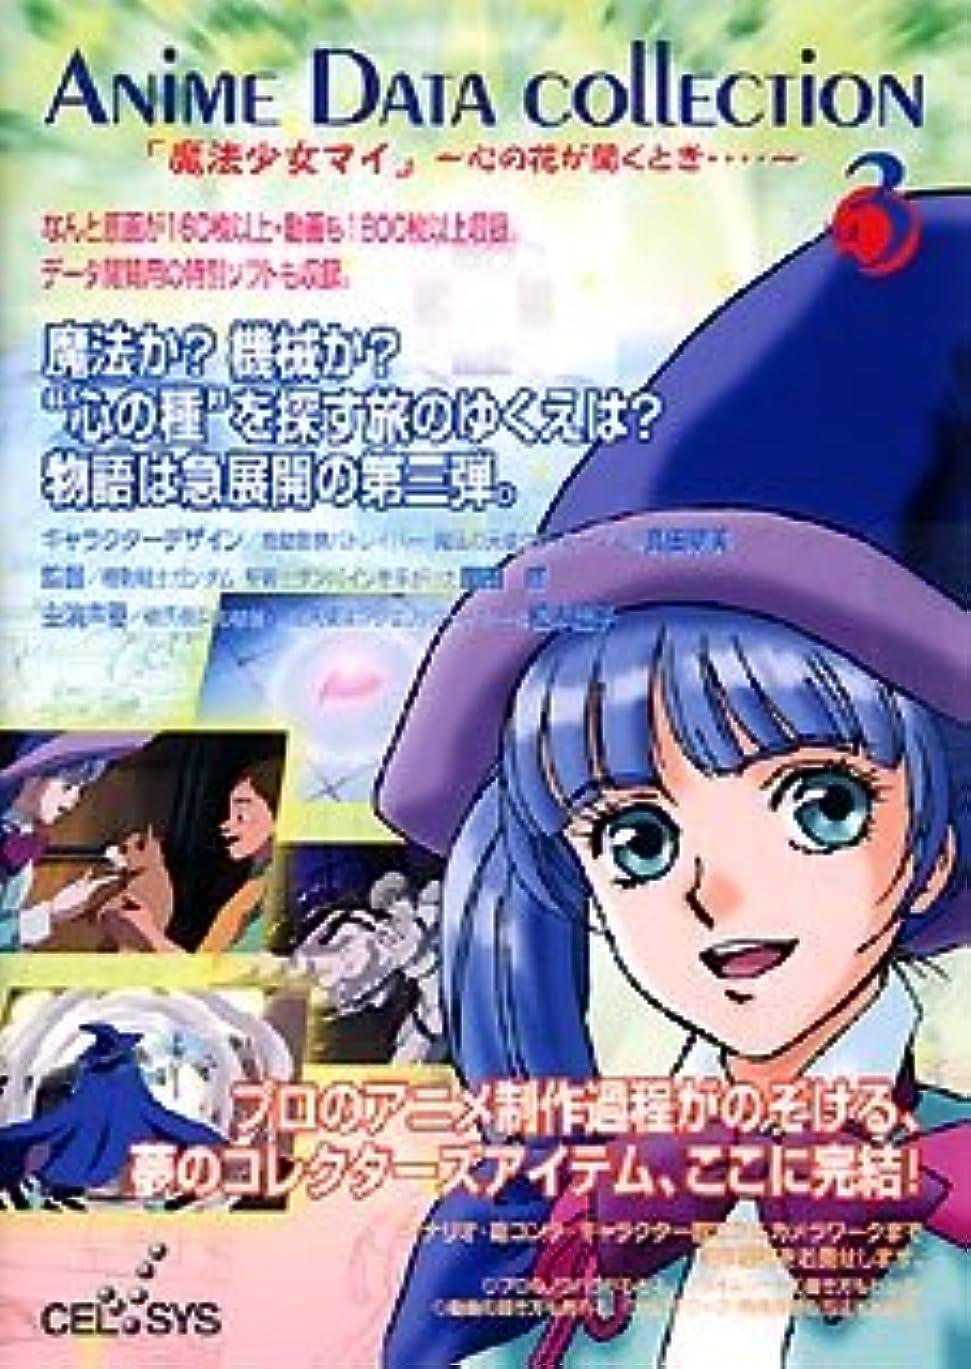 隠す複雑でない怠感Anime Data collection Vol.3 「魔法少女マイ 第3話」 ~心の花が開く時???~